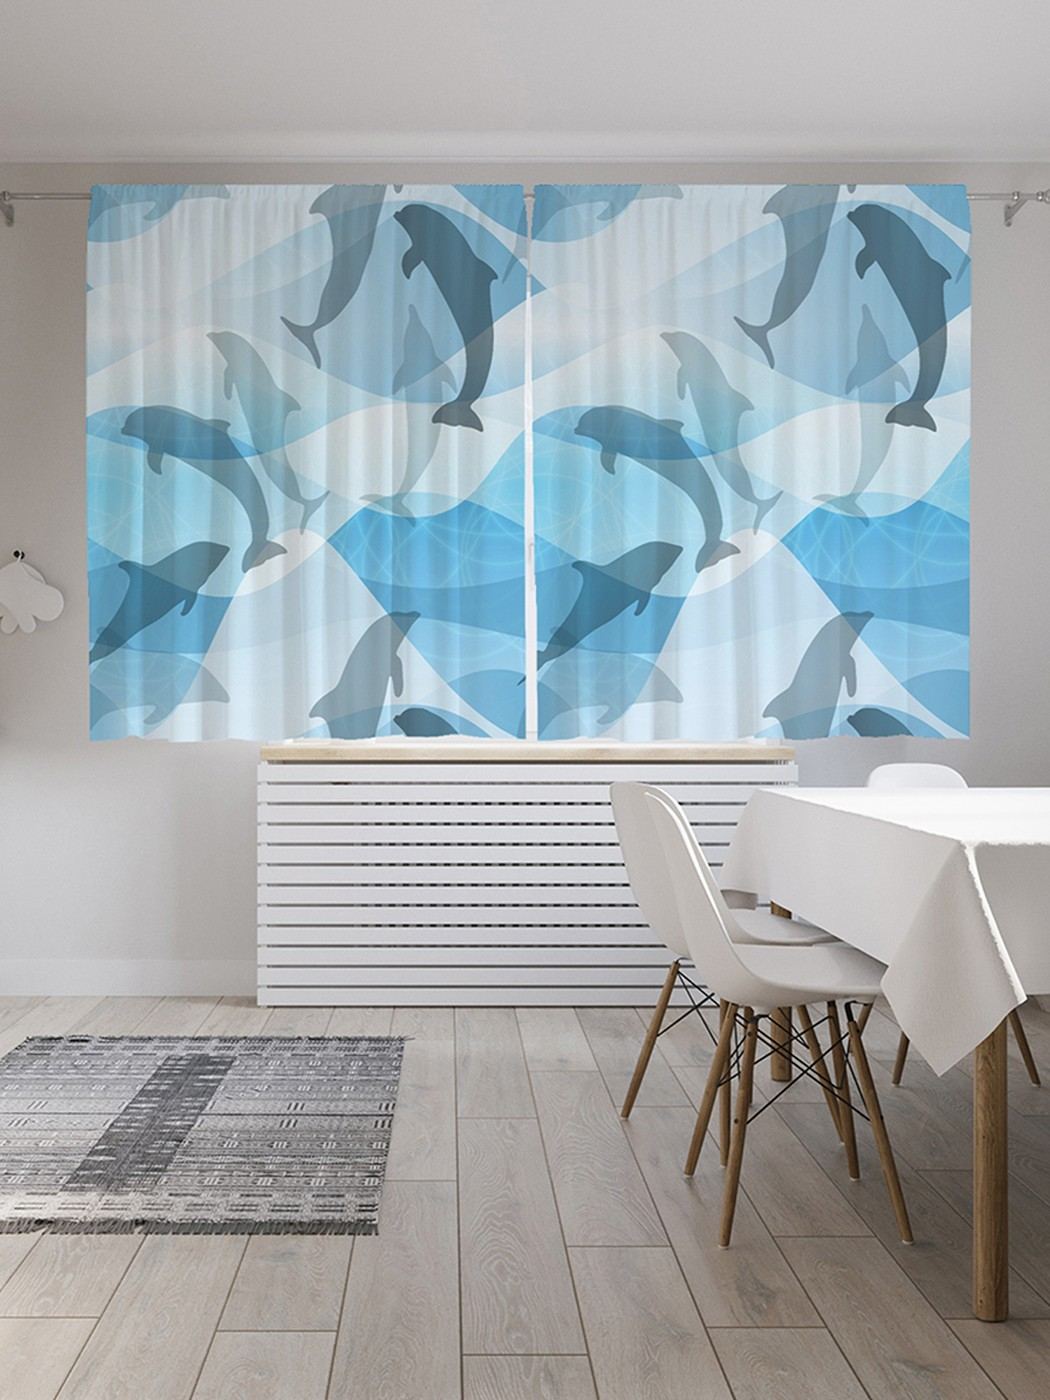 Шторы под лён «Спящие дельфины», серия Oxford DeLux, 290х180 см